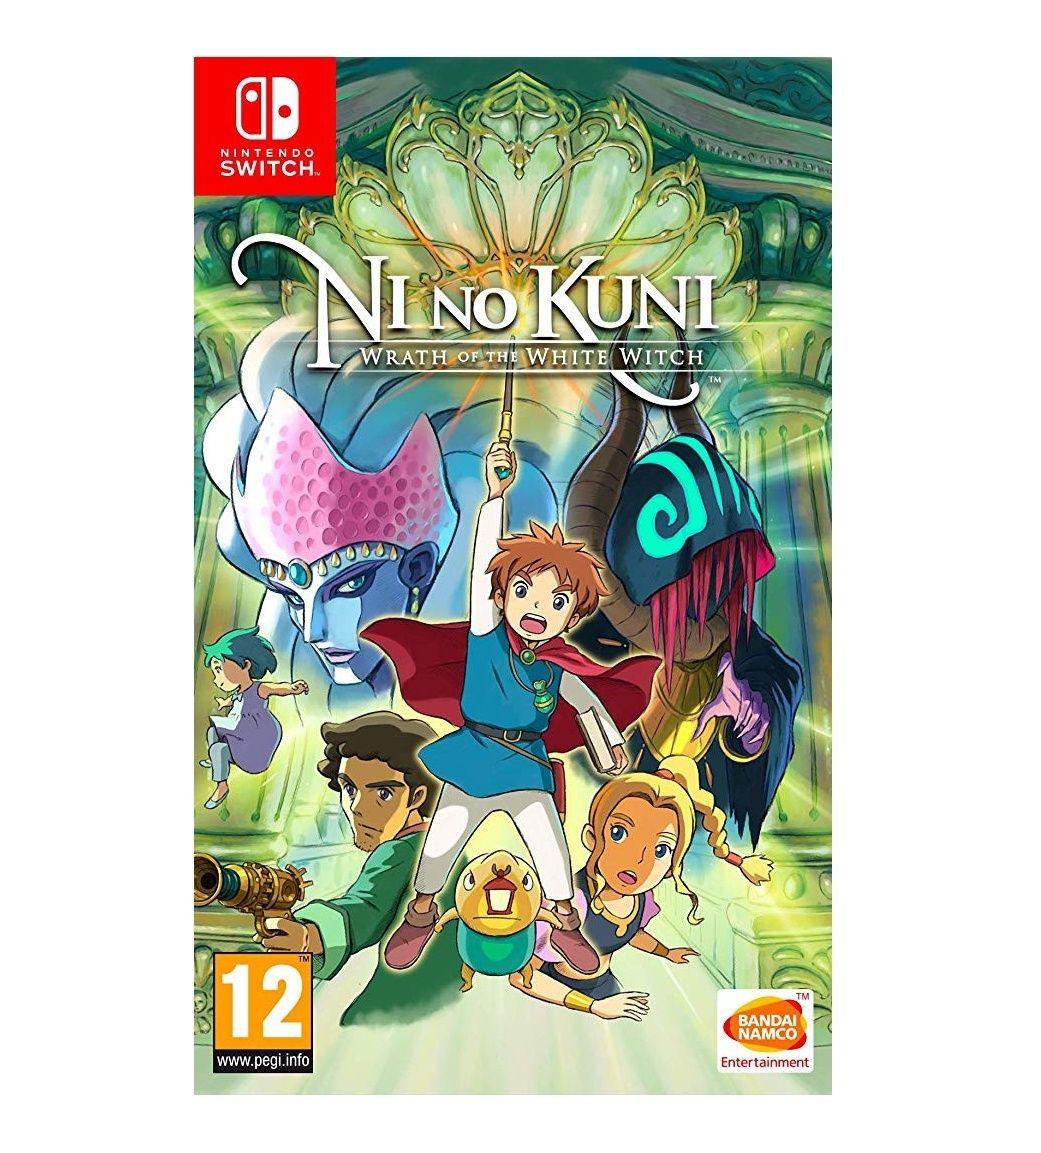 Ni No Kuni: La ira de la bruja blanca